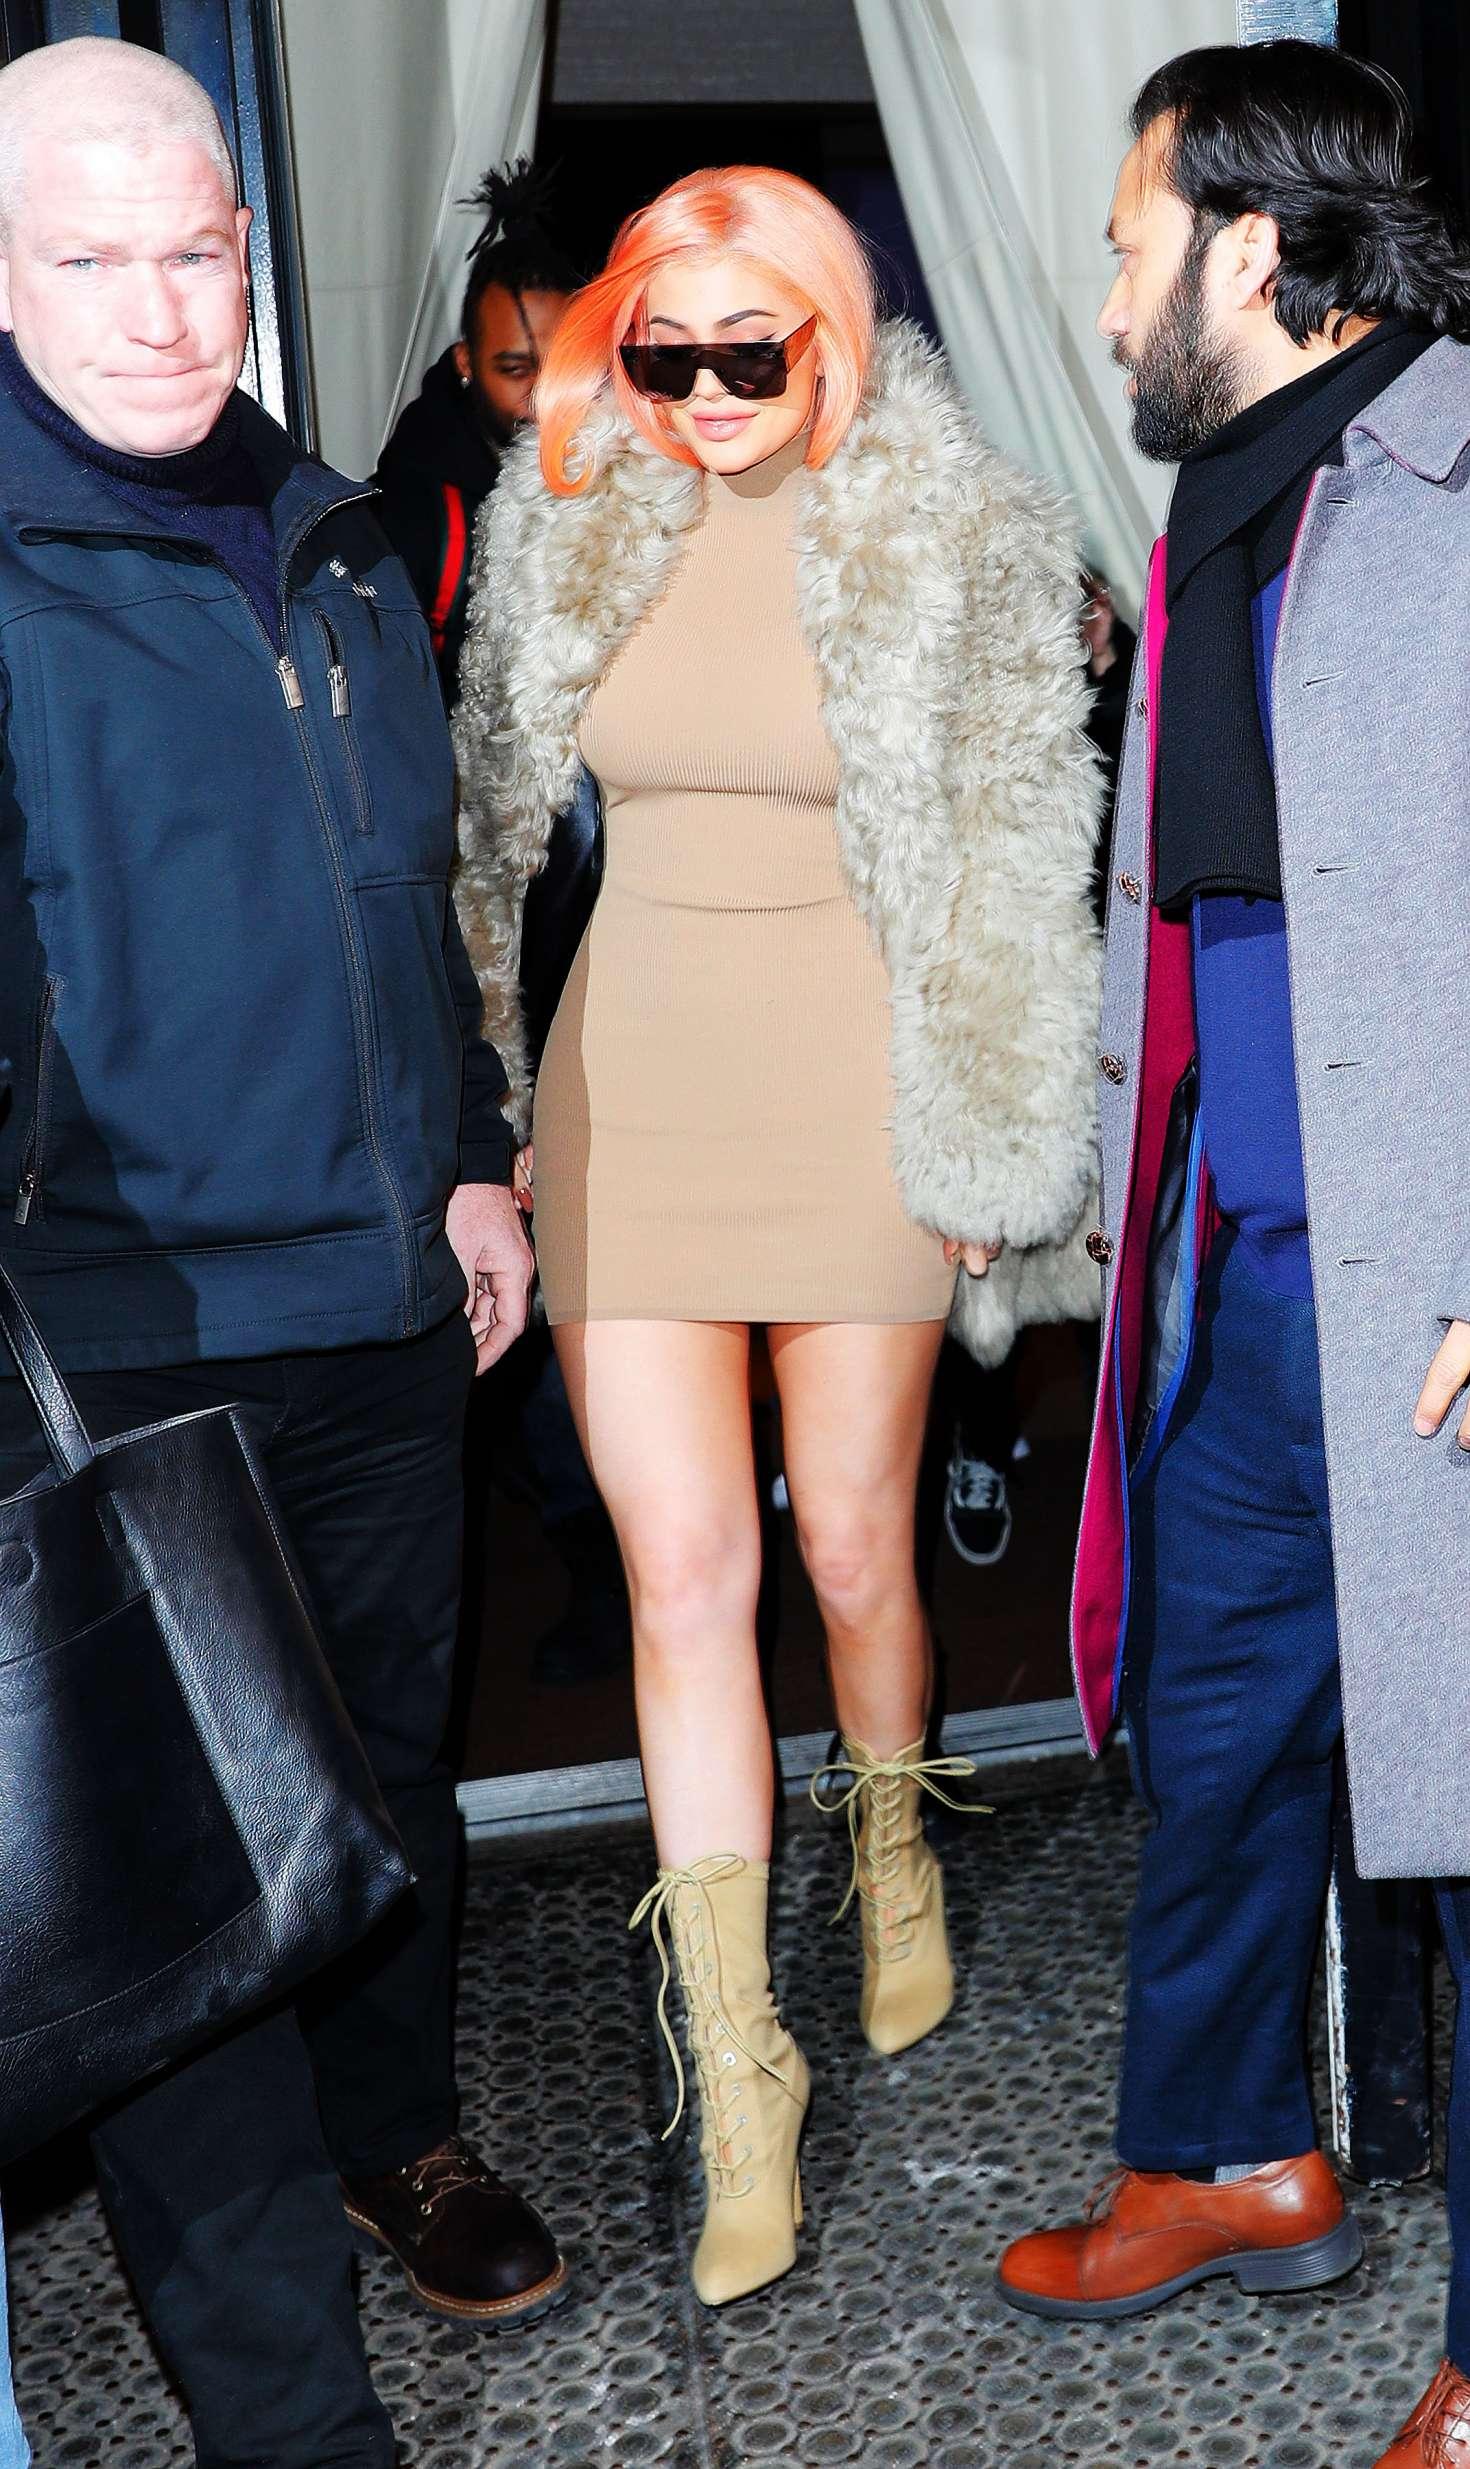 Kylie jenner leaving the mercer hotel in manhattan new pics